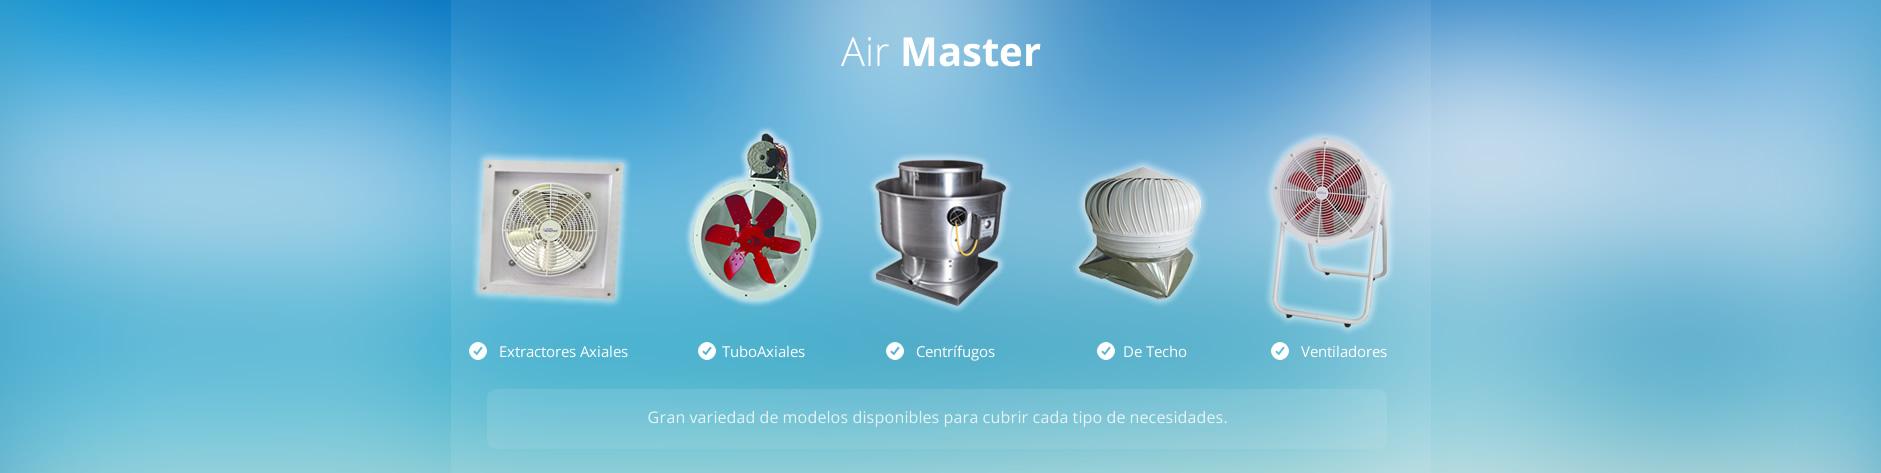 slider-extractores-y-ventiladores-air-master